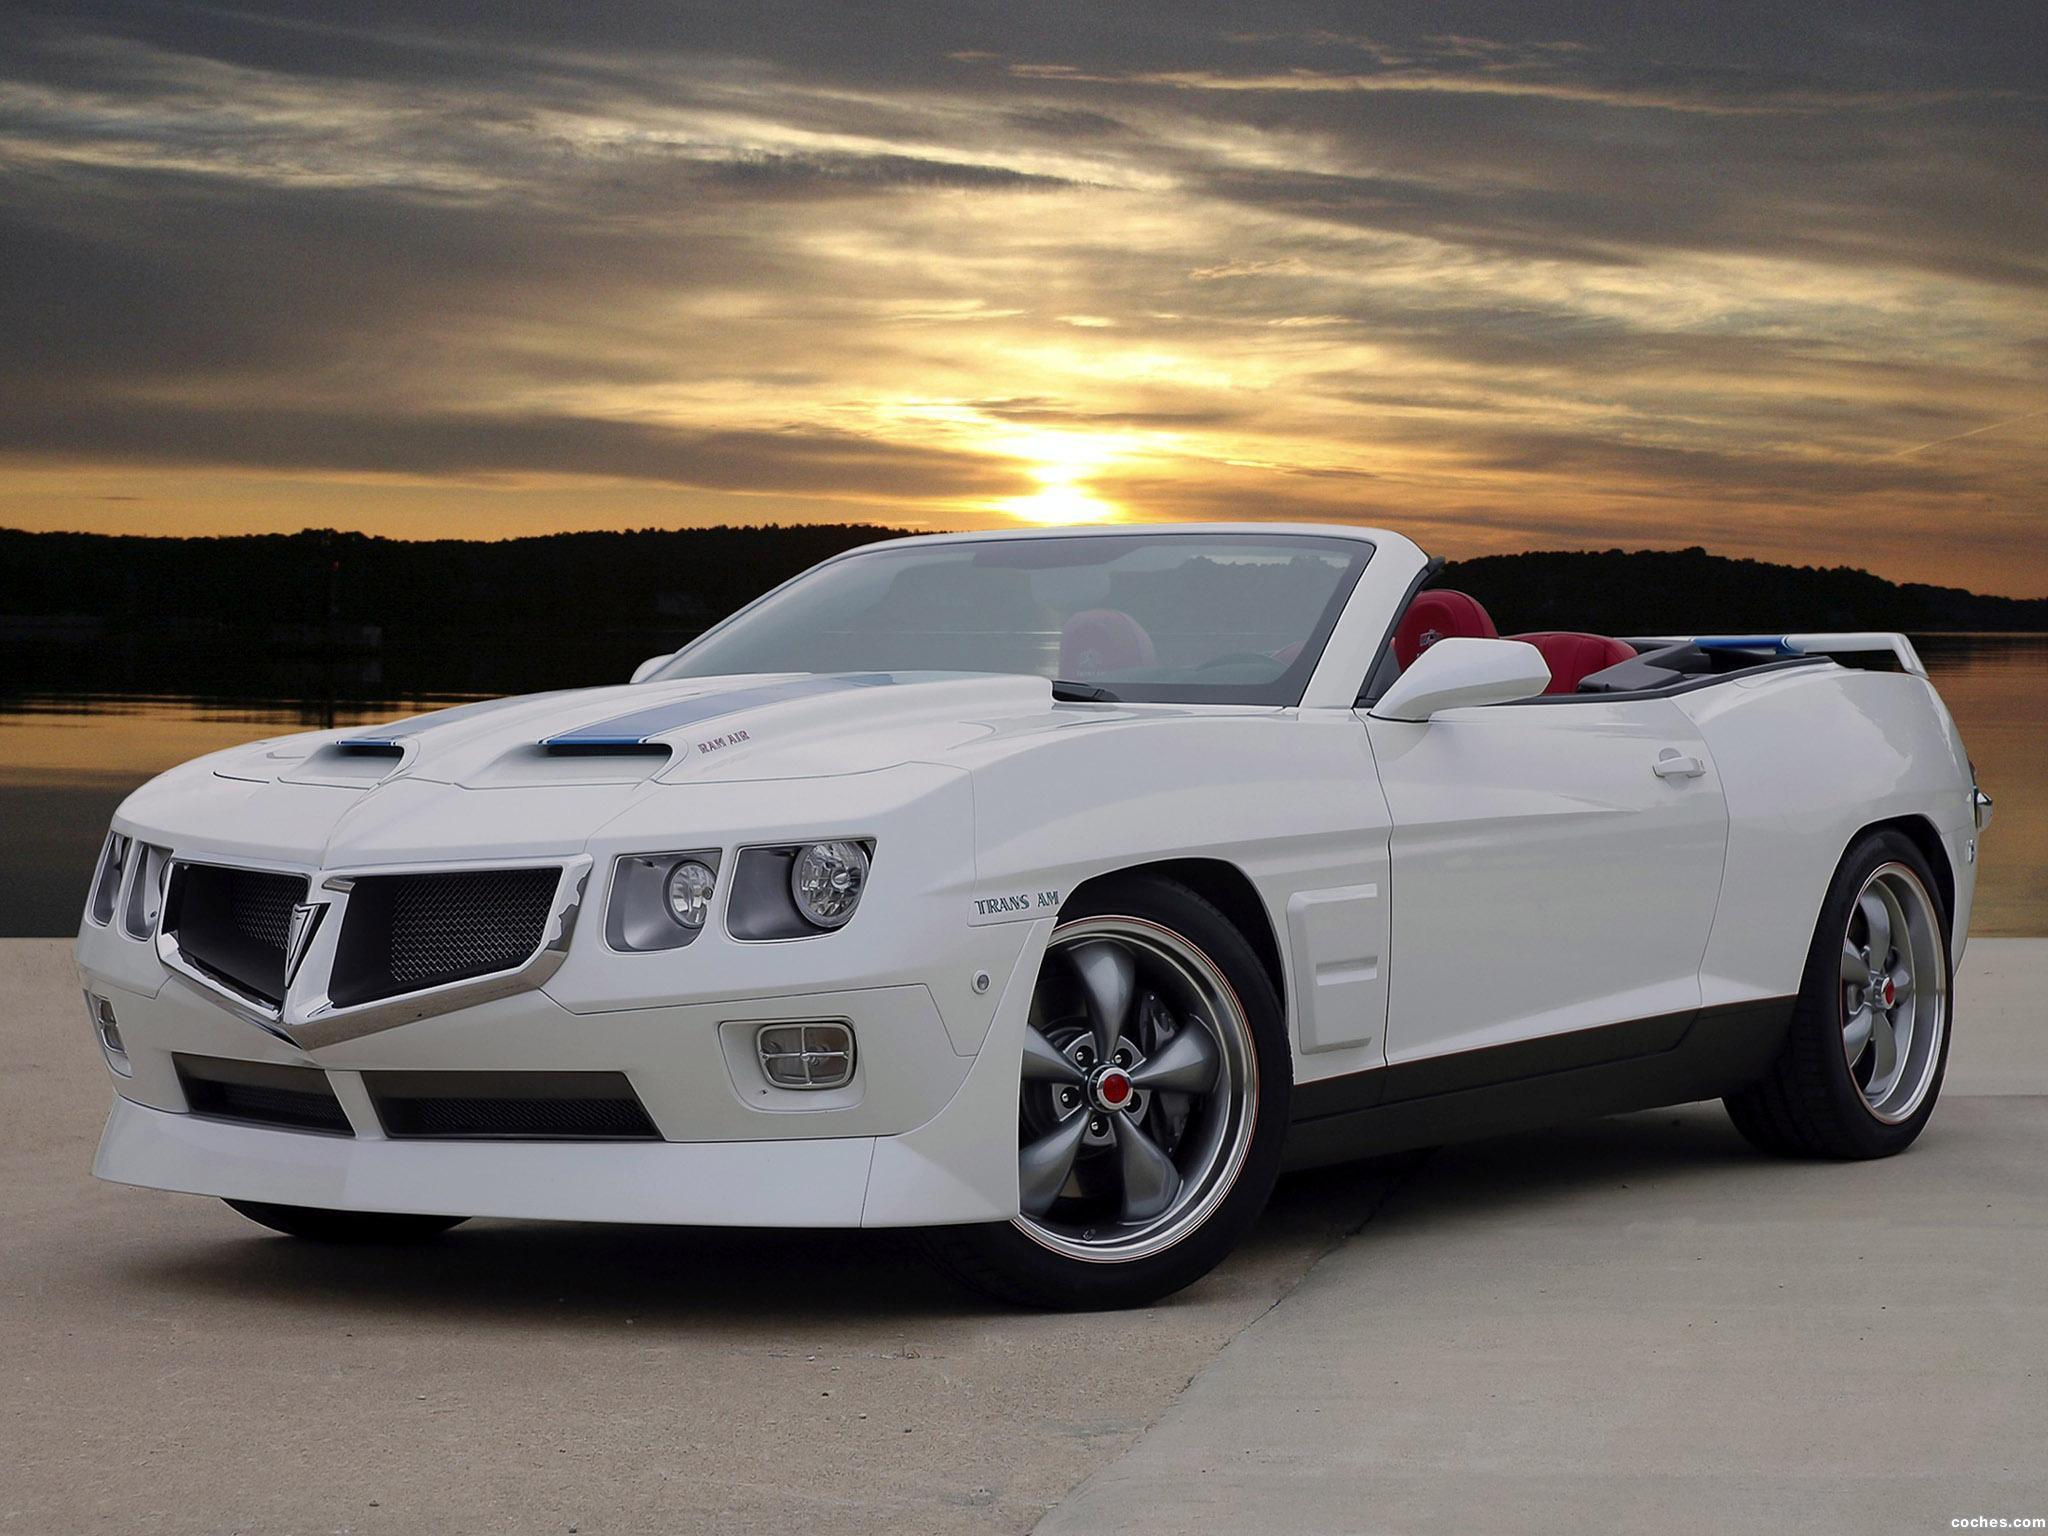 Foto 0 de HPP Pontiac Trans Am Convertible TA 2011